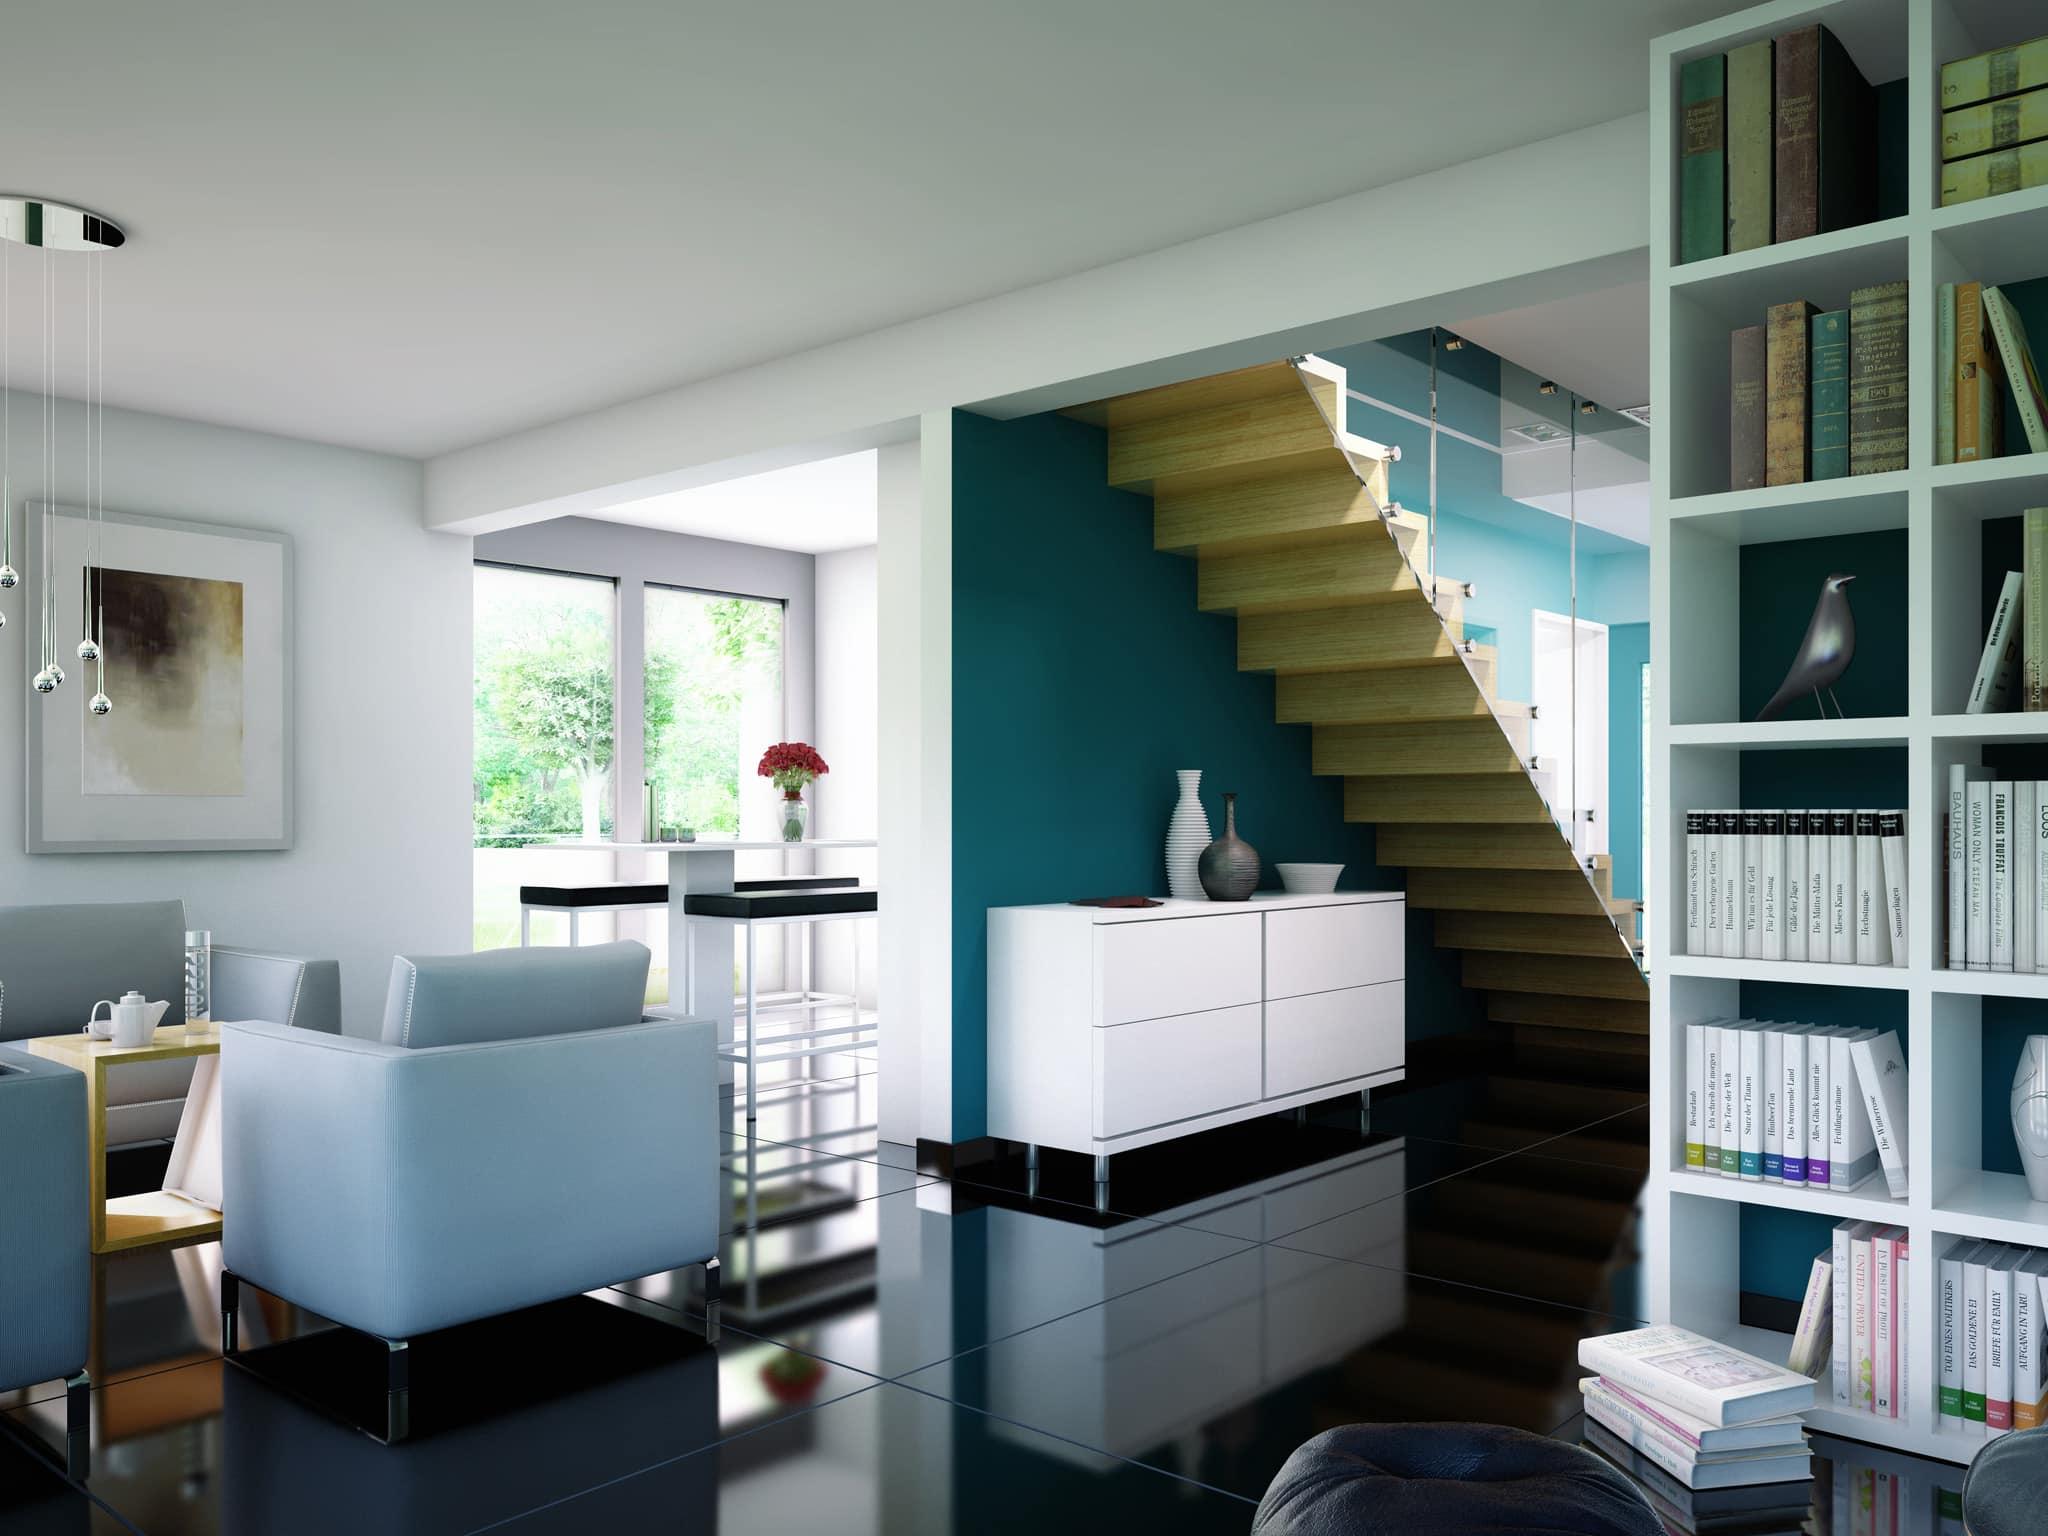 Offenes Wohnzimmer modern mit gerader Treppe - Inneneinrichtung Haus Ideen Bien Zenker Fertighaus EVOLUTION 134 V3 - HausbauDirekt.de